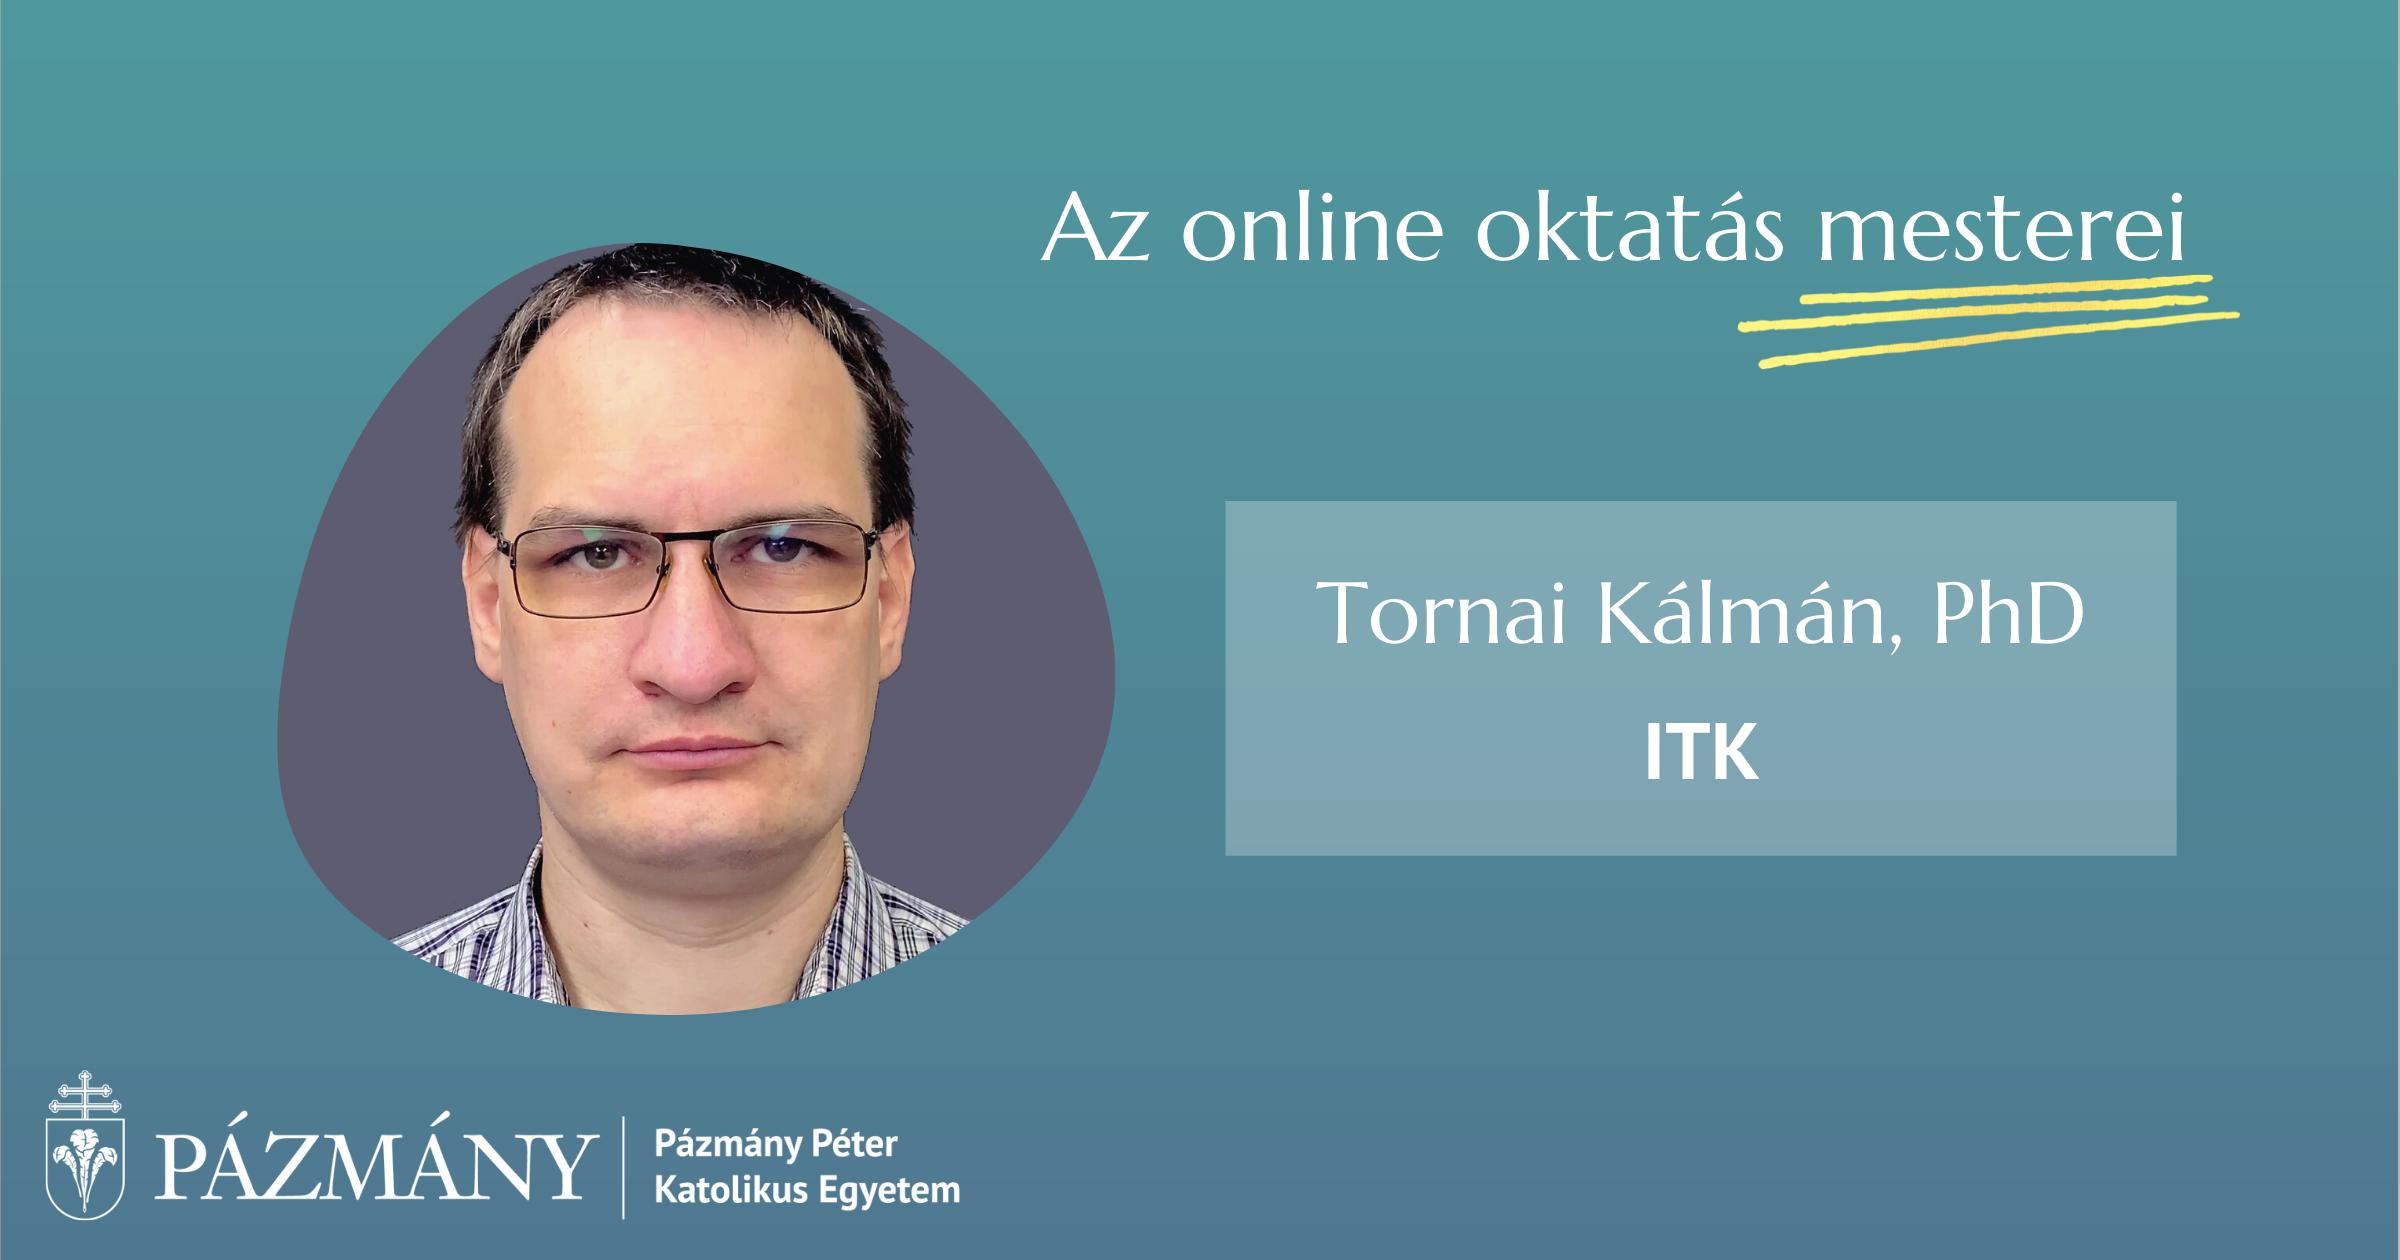 Az online oktatás mesterei: interjú dr. Tornai Kálmánnal